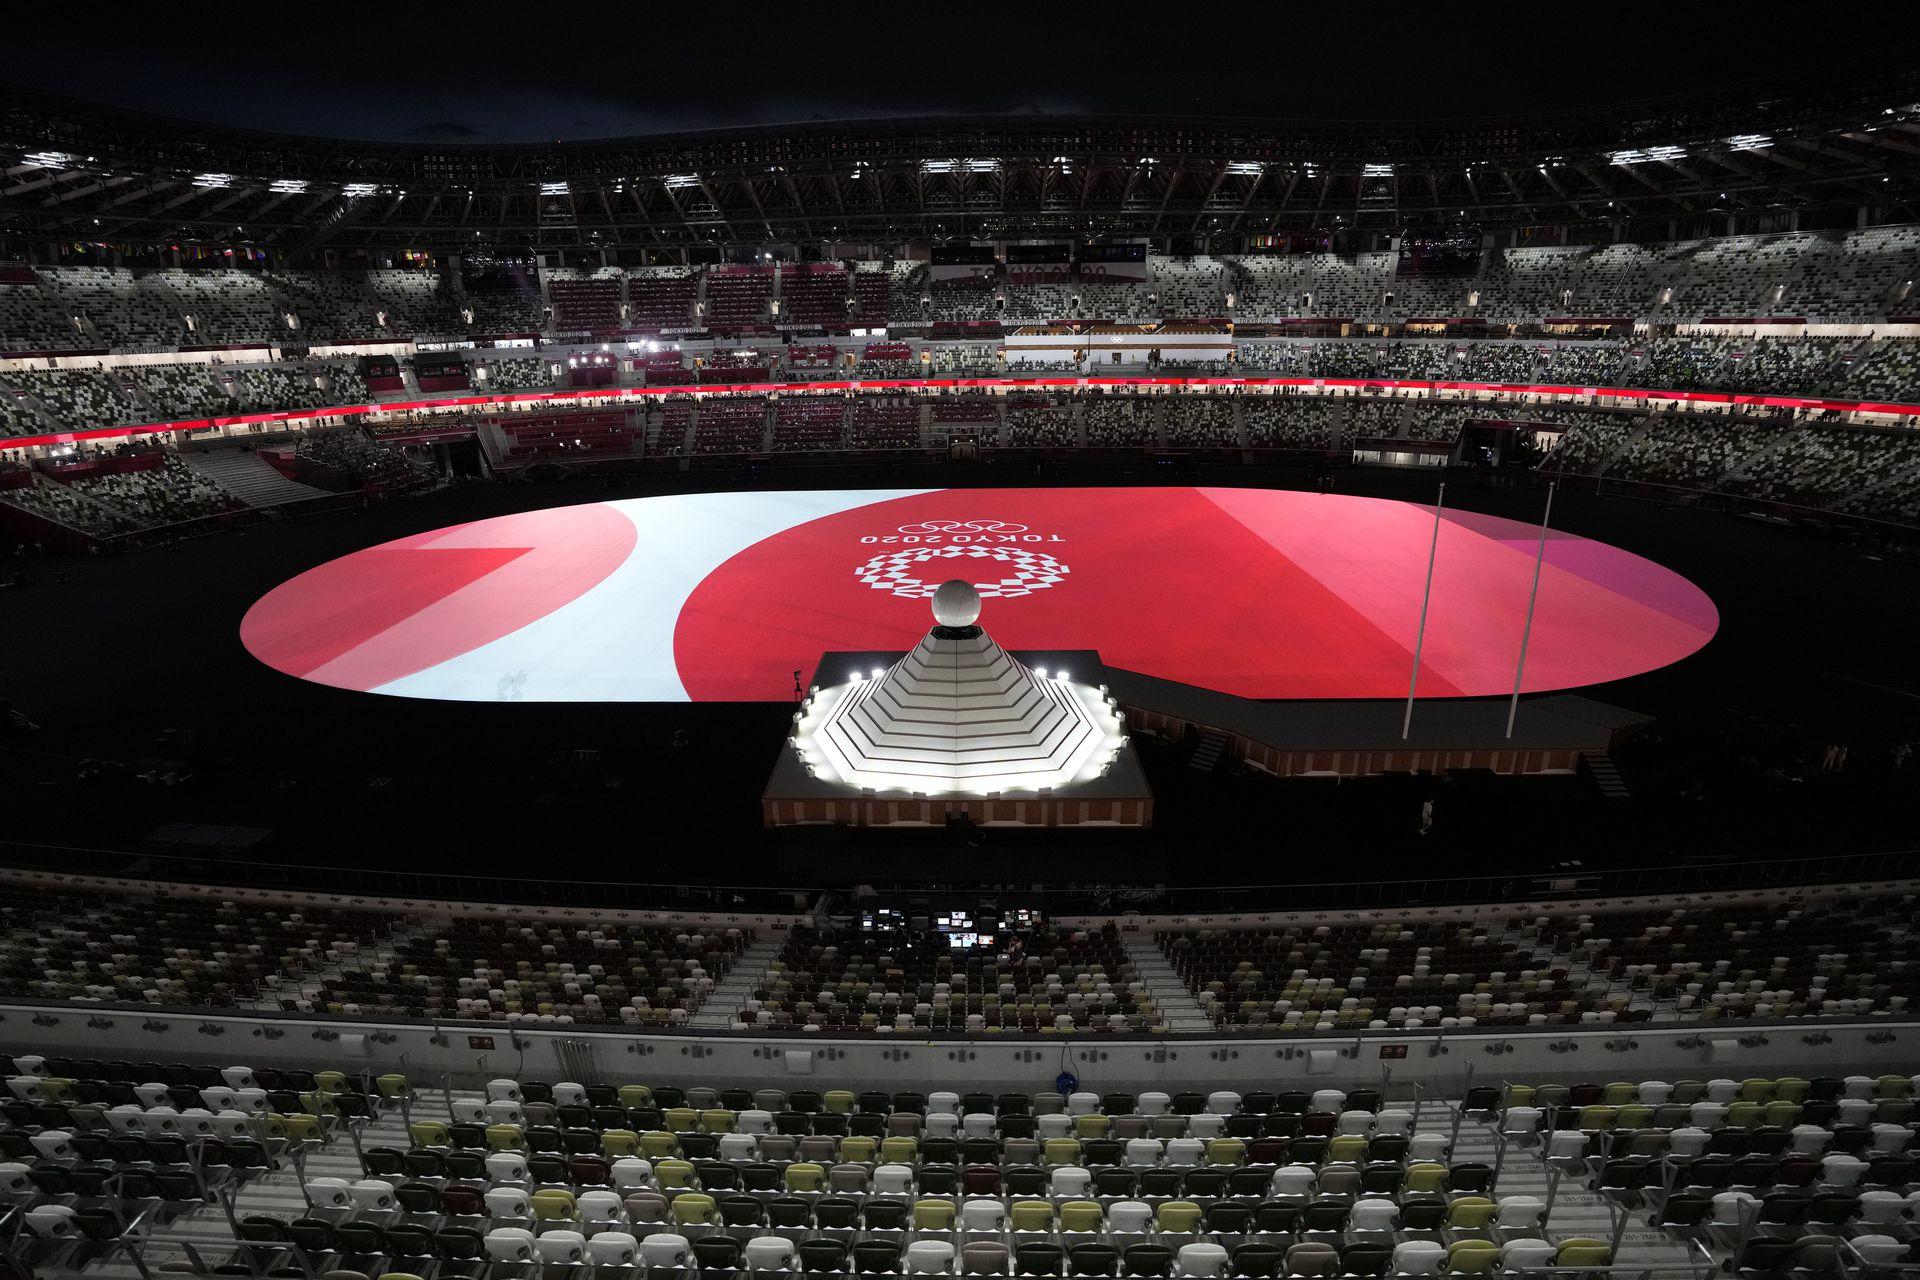 El caldero se encuentra cerca de un escenario durante la ceremonia de apertura en un Estadio Olímpico vacío en los Juegos Olímpicos de Verano de 2020, el viernes 23 de julio de 2021, en Tokio Japón